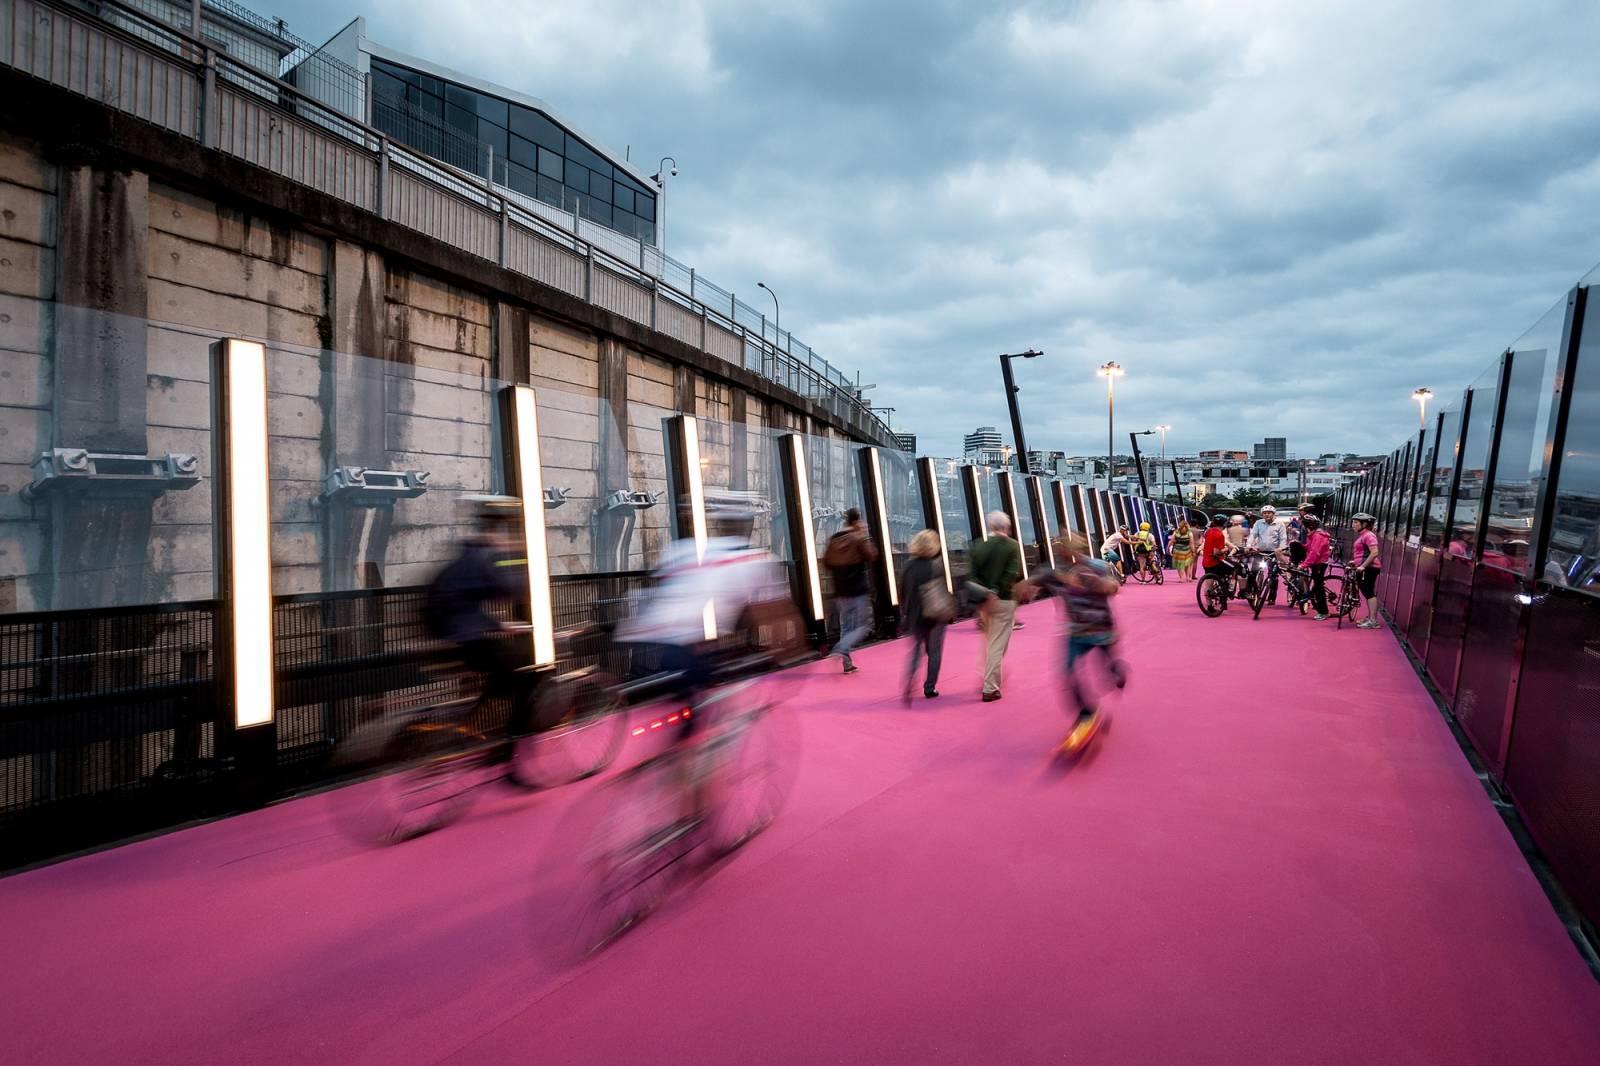 Rosa e illuminata a led: è la ciclabile più bella del mondo